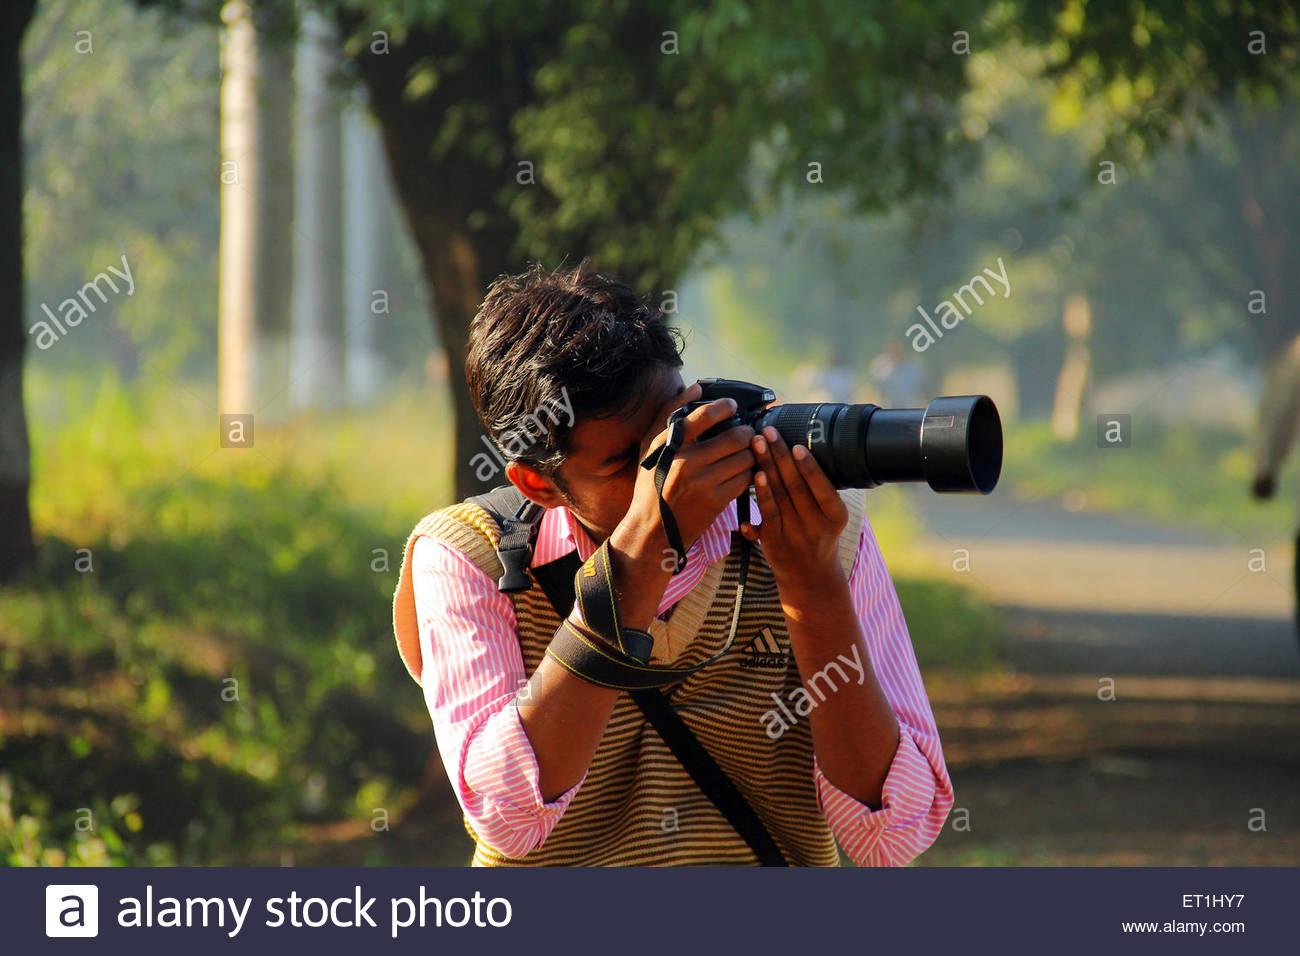 Photographer Himayat Bagh Aurangabad Maharashtra India Asia - Stock Image